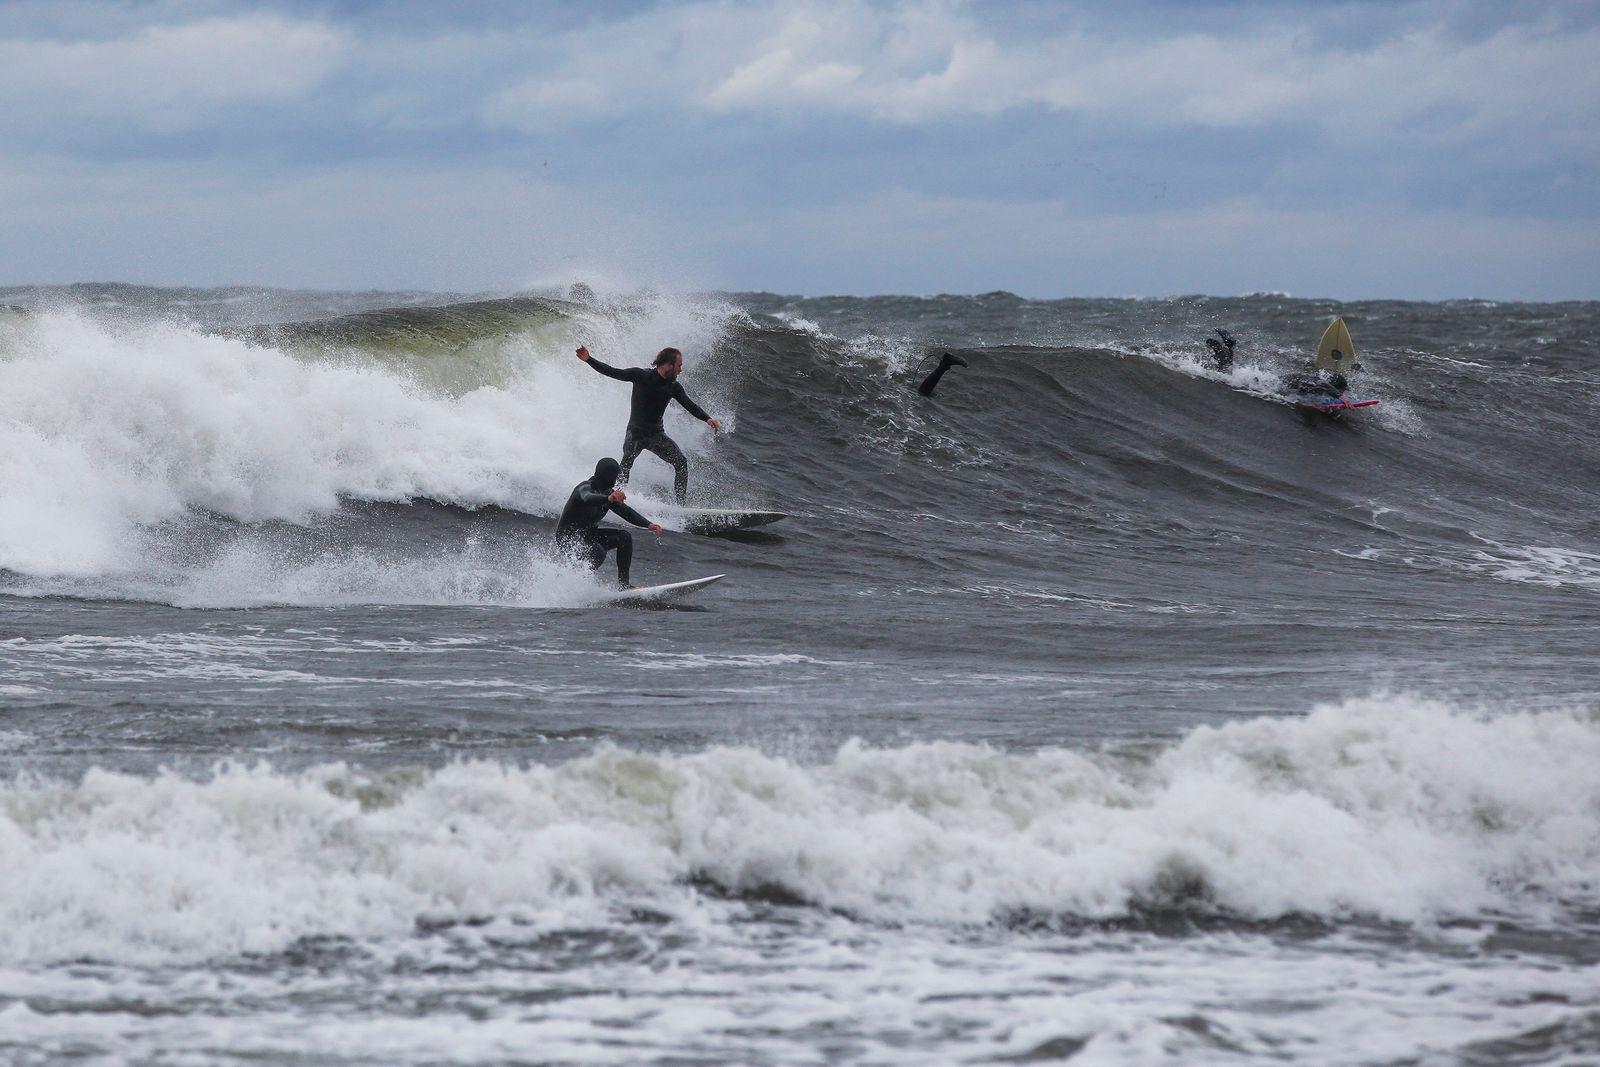 När höststormarna rullar in, rullar Skånes vågsurfare till Österlen. Förra onsdagen och torsdagen var det riktigt fina förhållanden längs Hanöbukten och sydkusten.